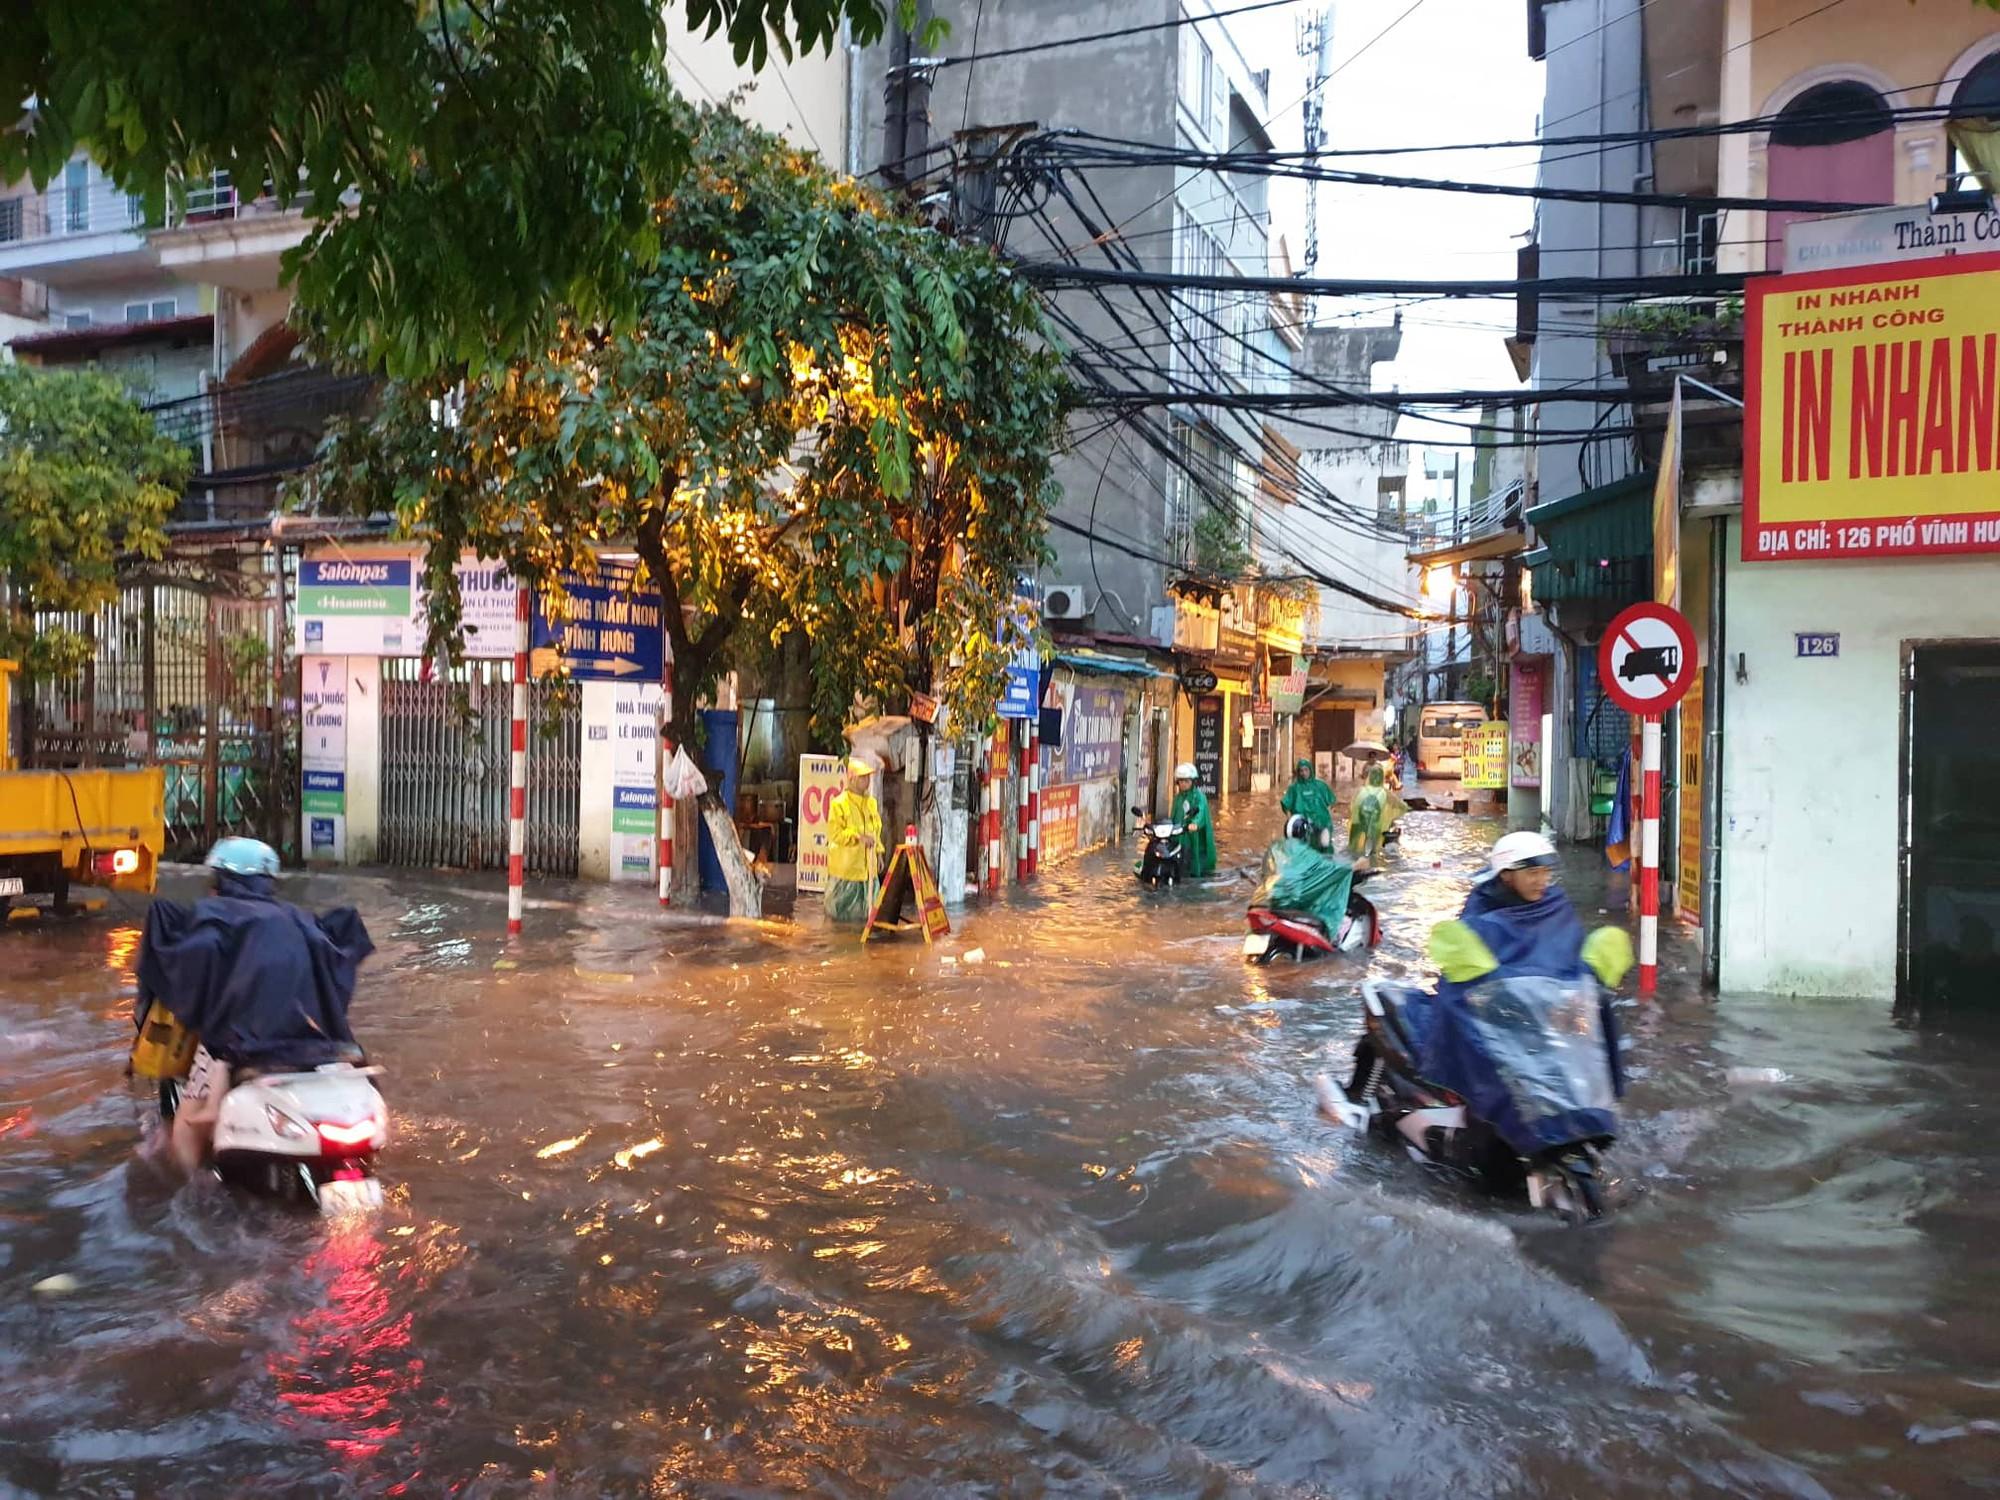 Hà Nội: Mưa lớn bất chật, nhiều tuyến phố ngập sâu trong nước2